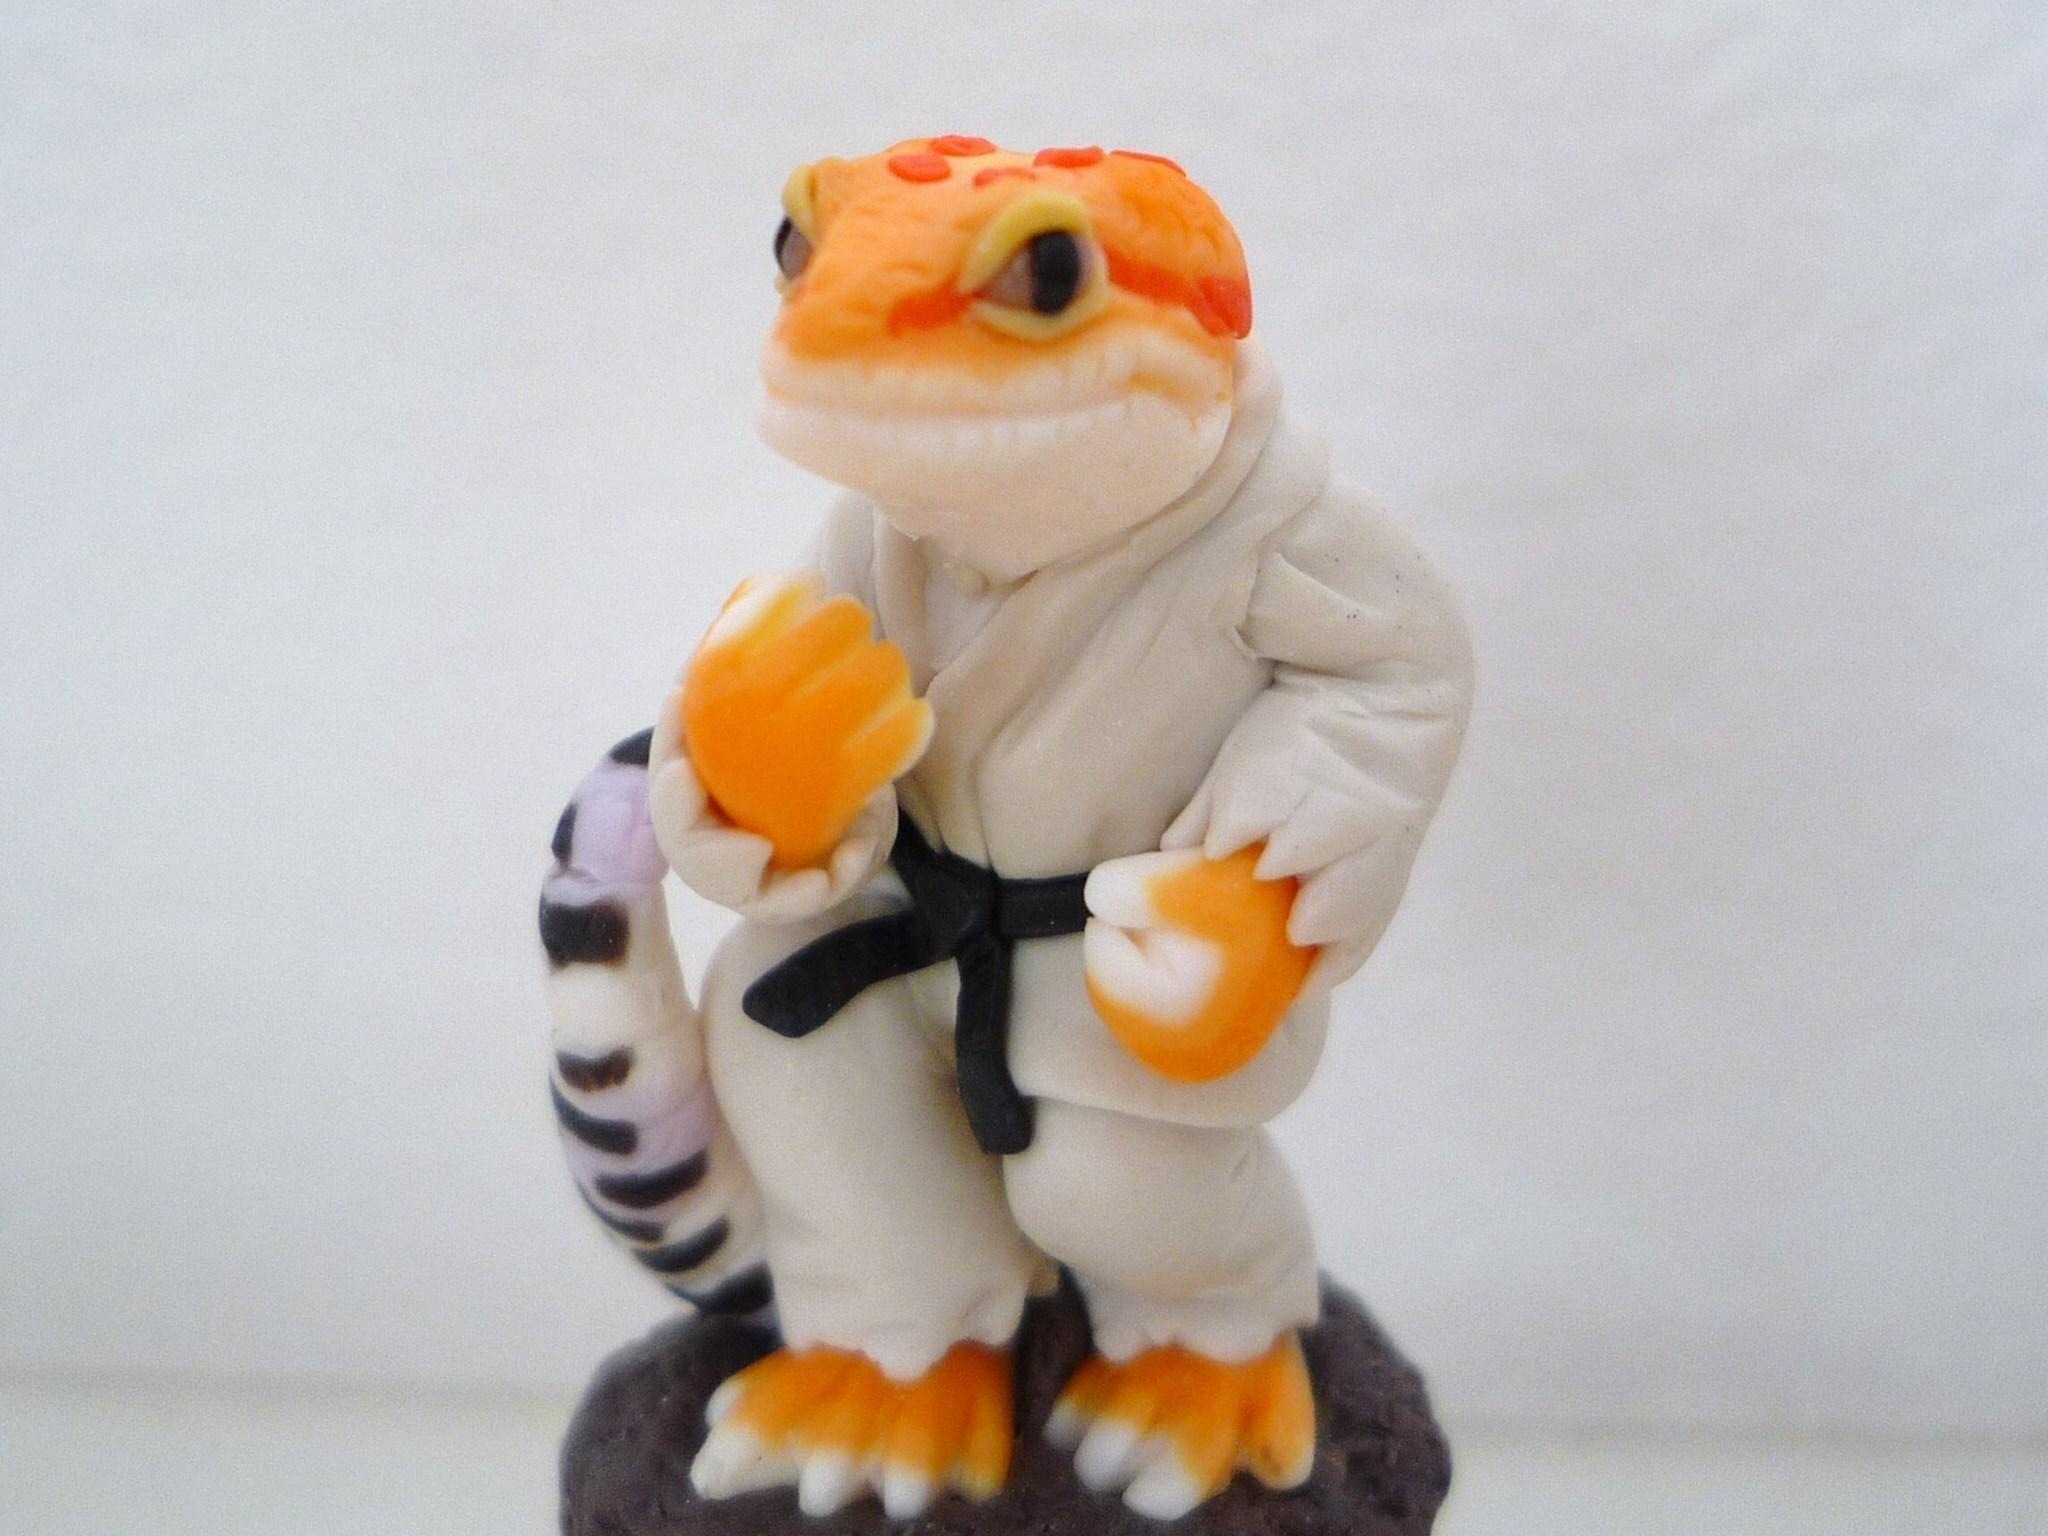 爬虫類イベント☆コーンスネーク販売☆レプタイルラボ☆爬虫類